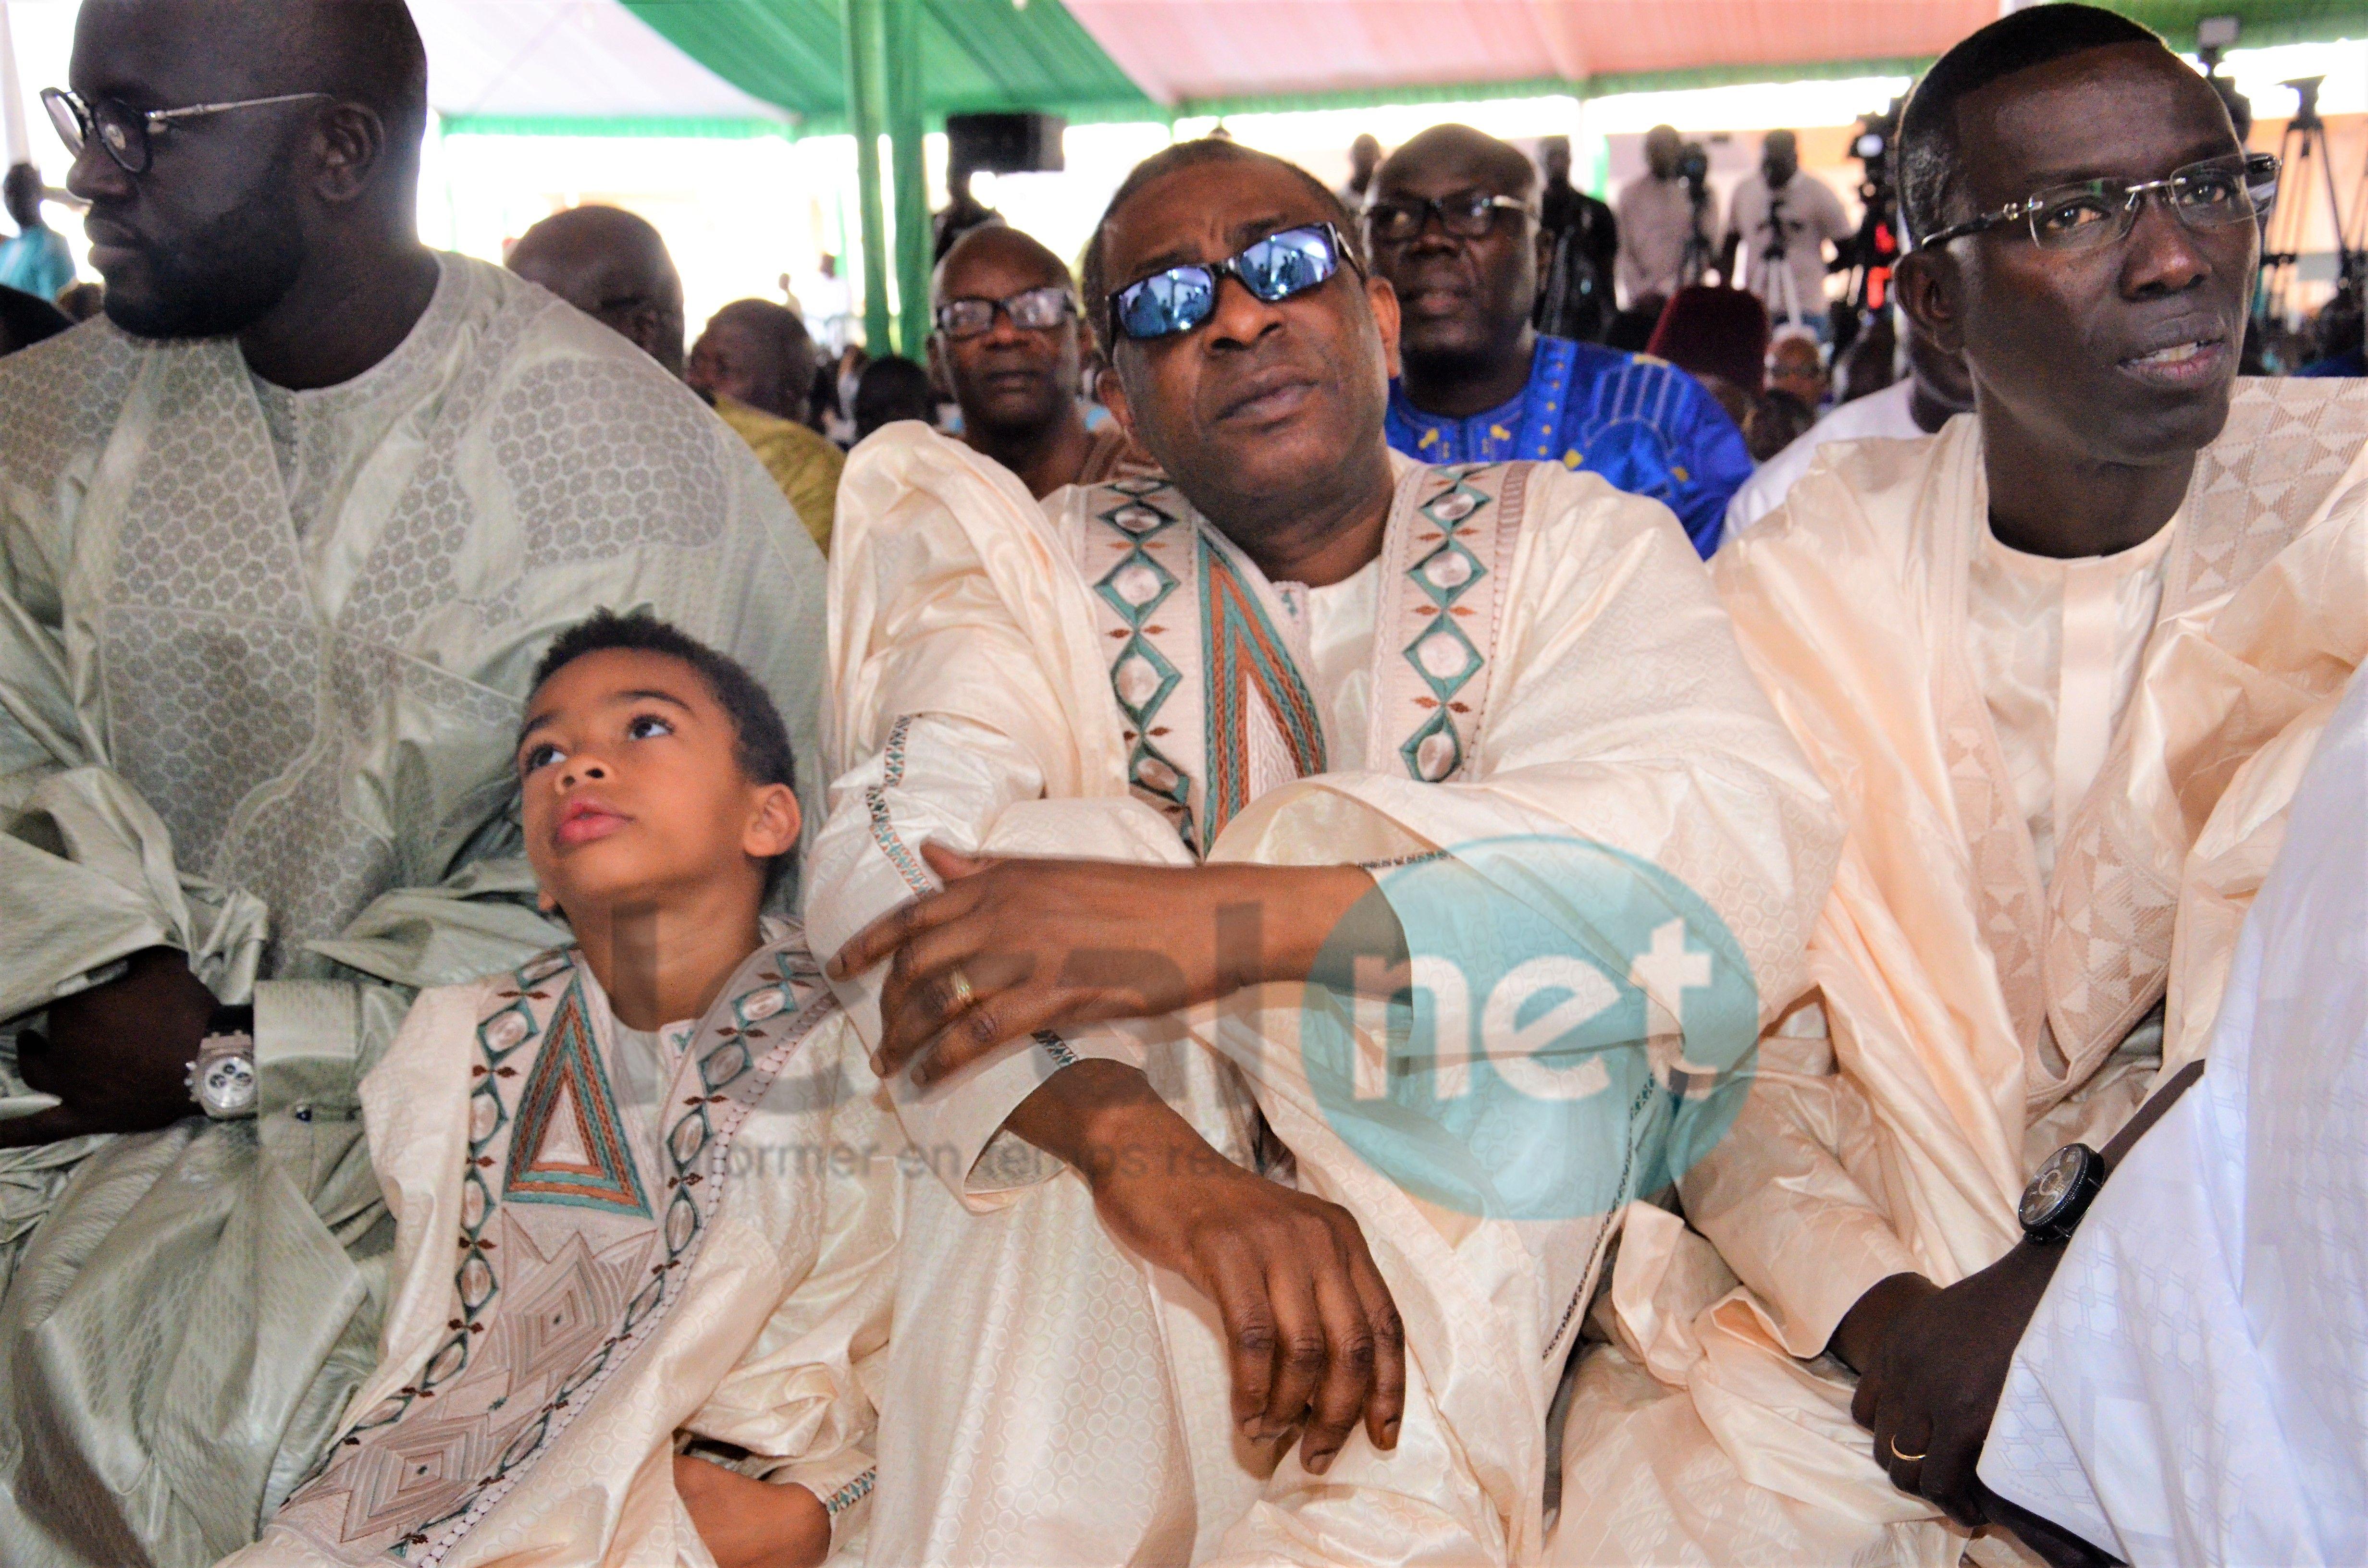 Les images de Youssou Ndour et son fils à Massalikoul Jinane